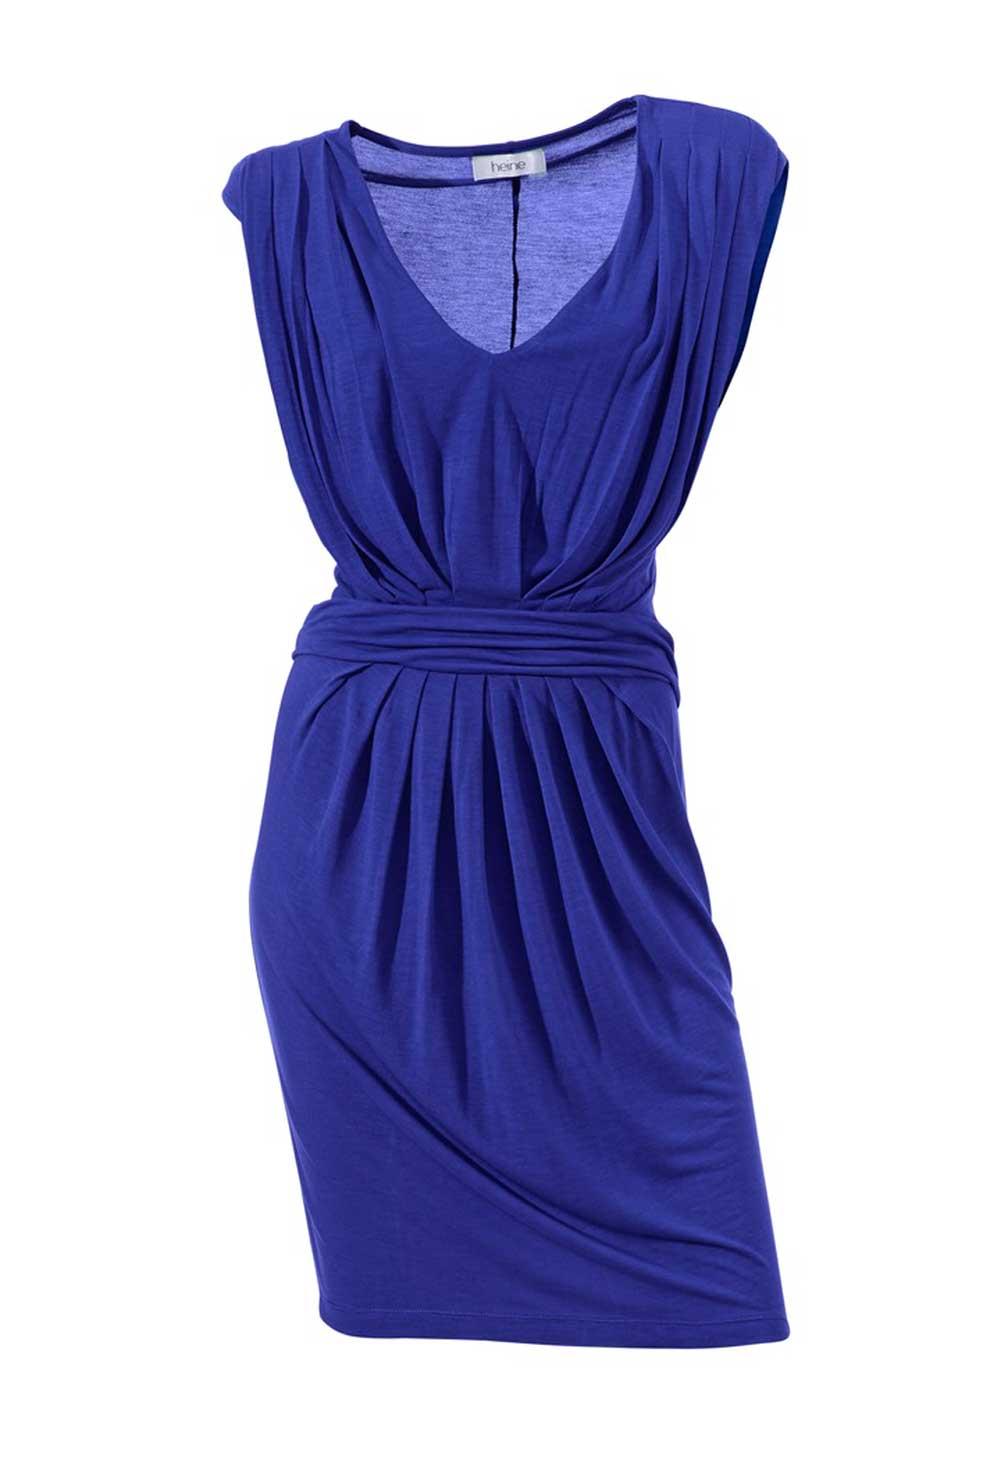 071.859 Sommerkleid Damen ärmellos blau Damenkleid kurz mit Raffungen Strandkleid